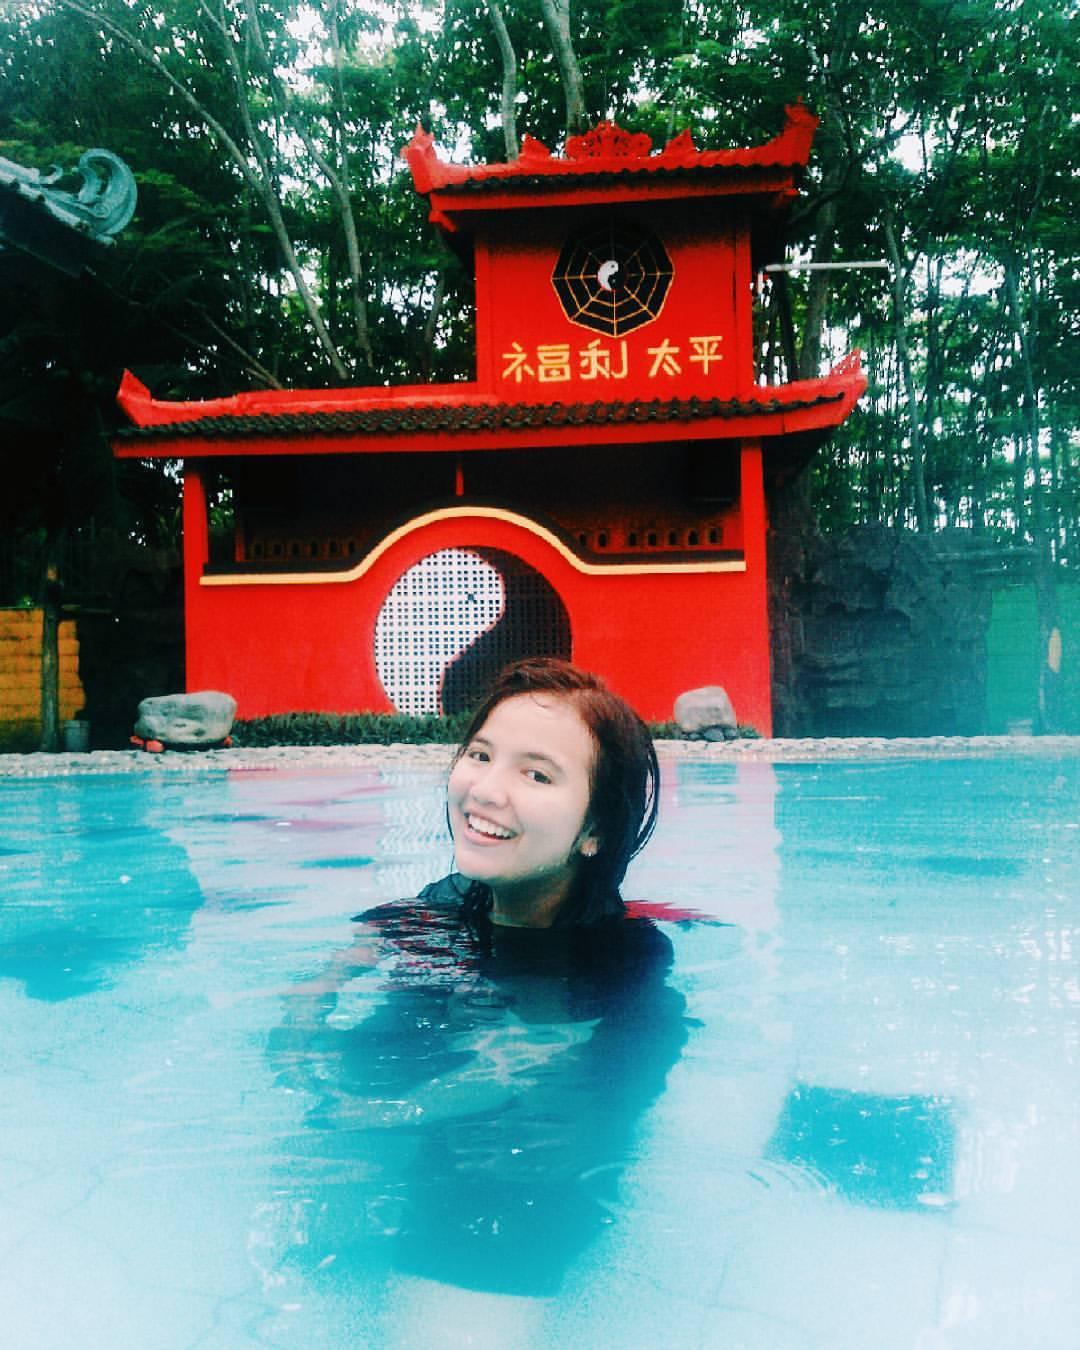 Untitled Gading Splash Water Kebumen Kab